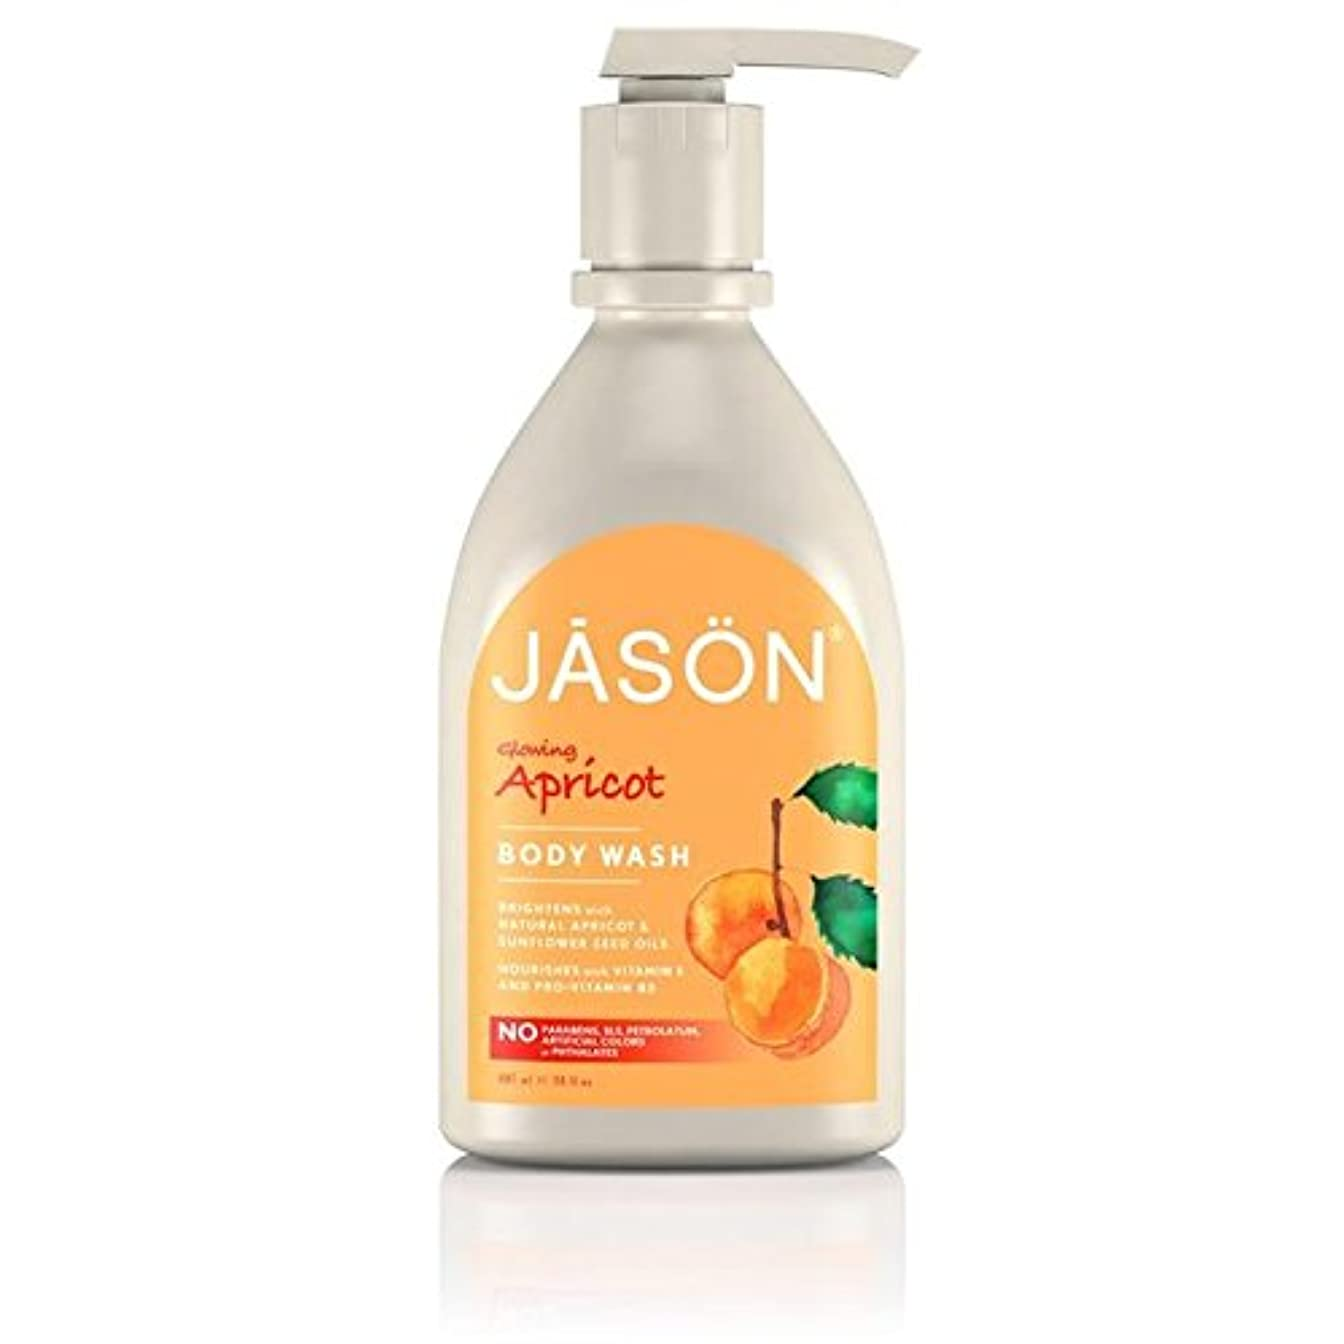 むちゃくちゃ元の社員Jason Apricot Satin Body Wash Pump 900ml - ジェイソン?アプリコットサテンボディウォッシュポンプ900ミリリットル [並行輸入品]